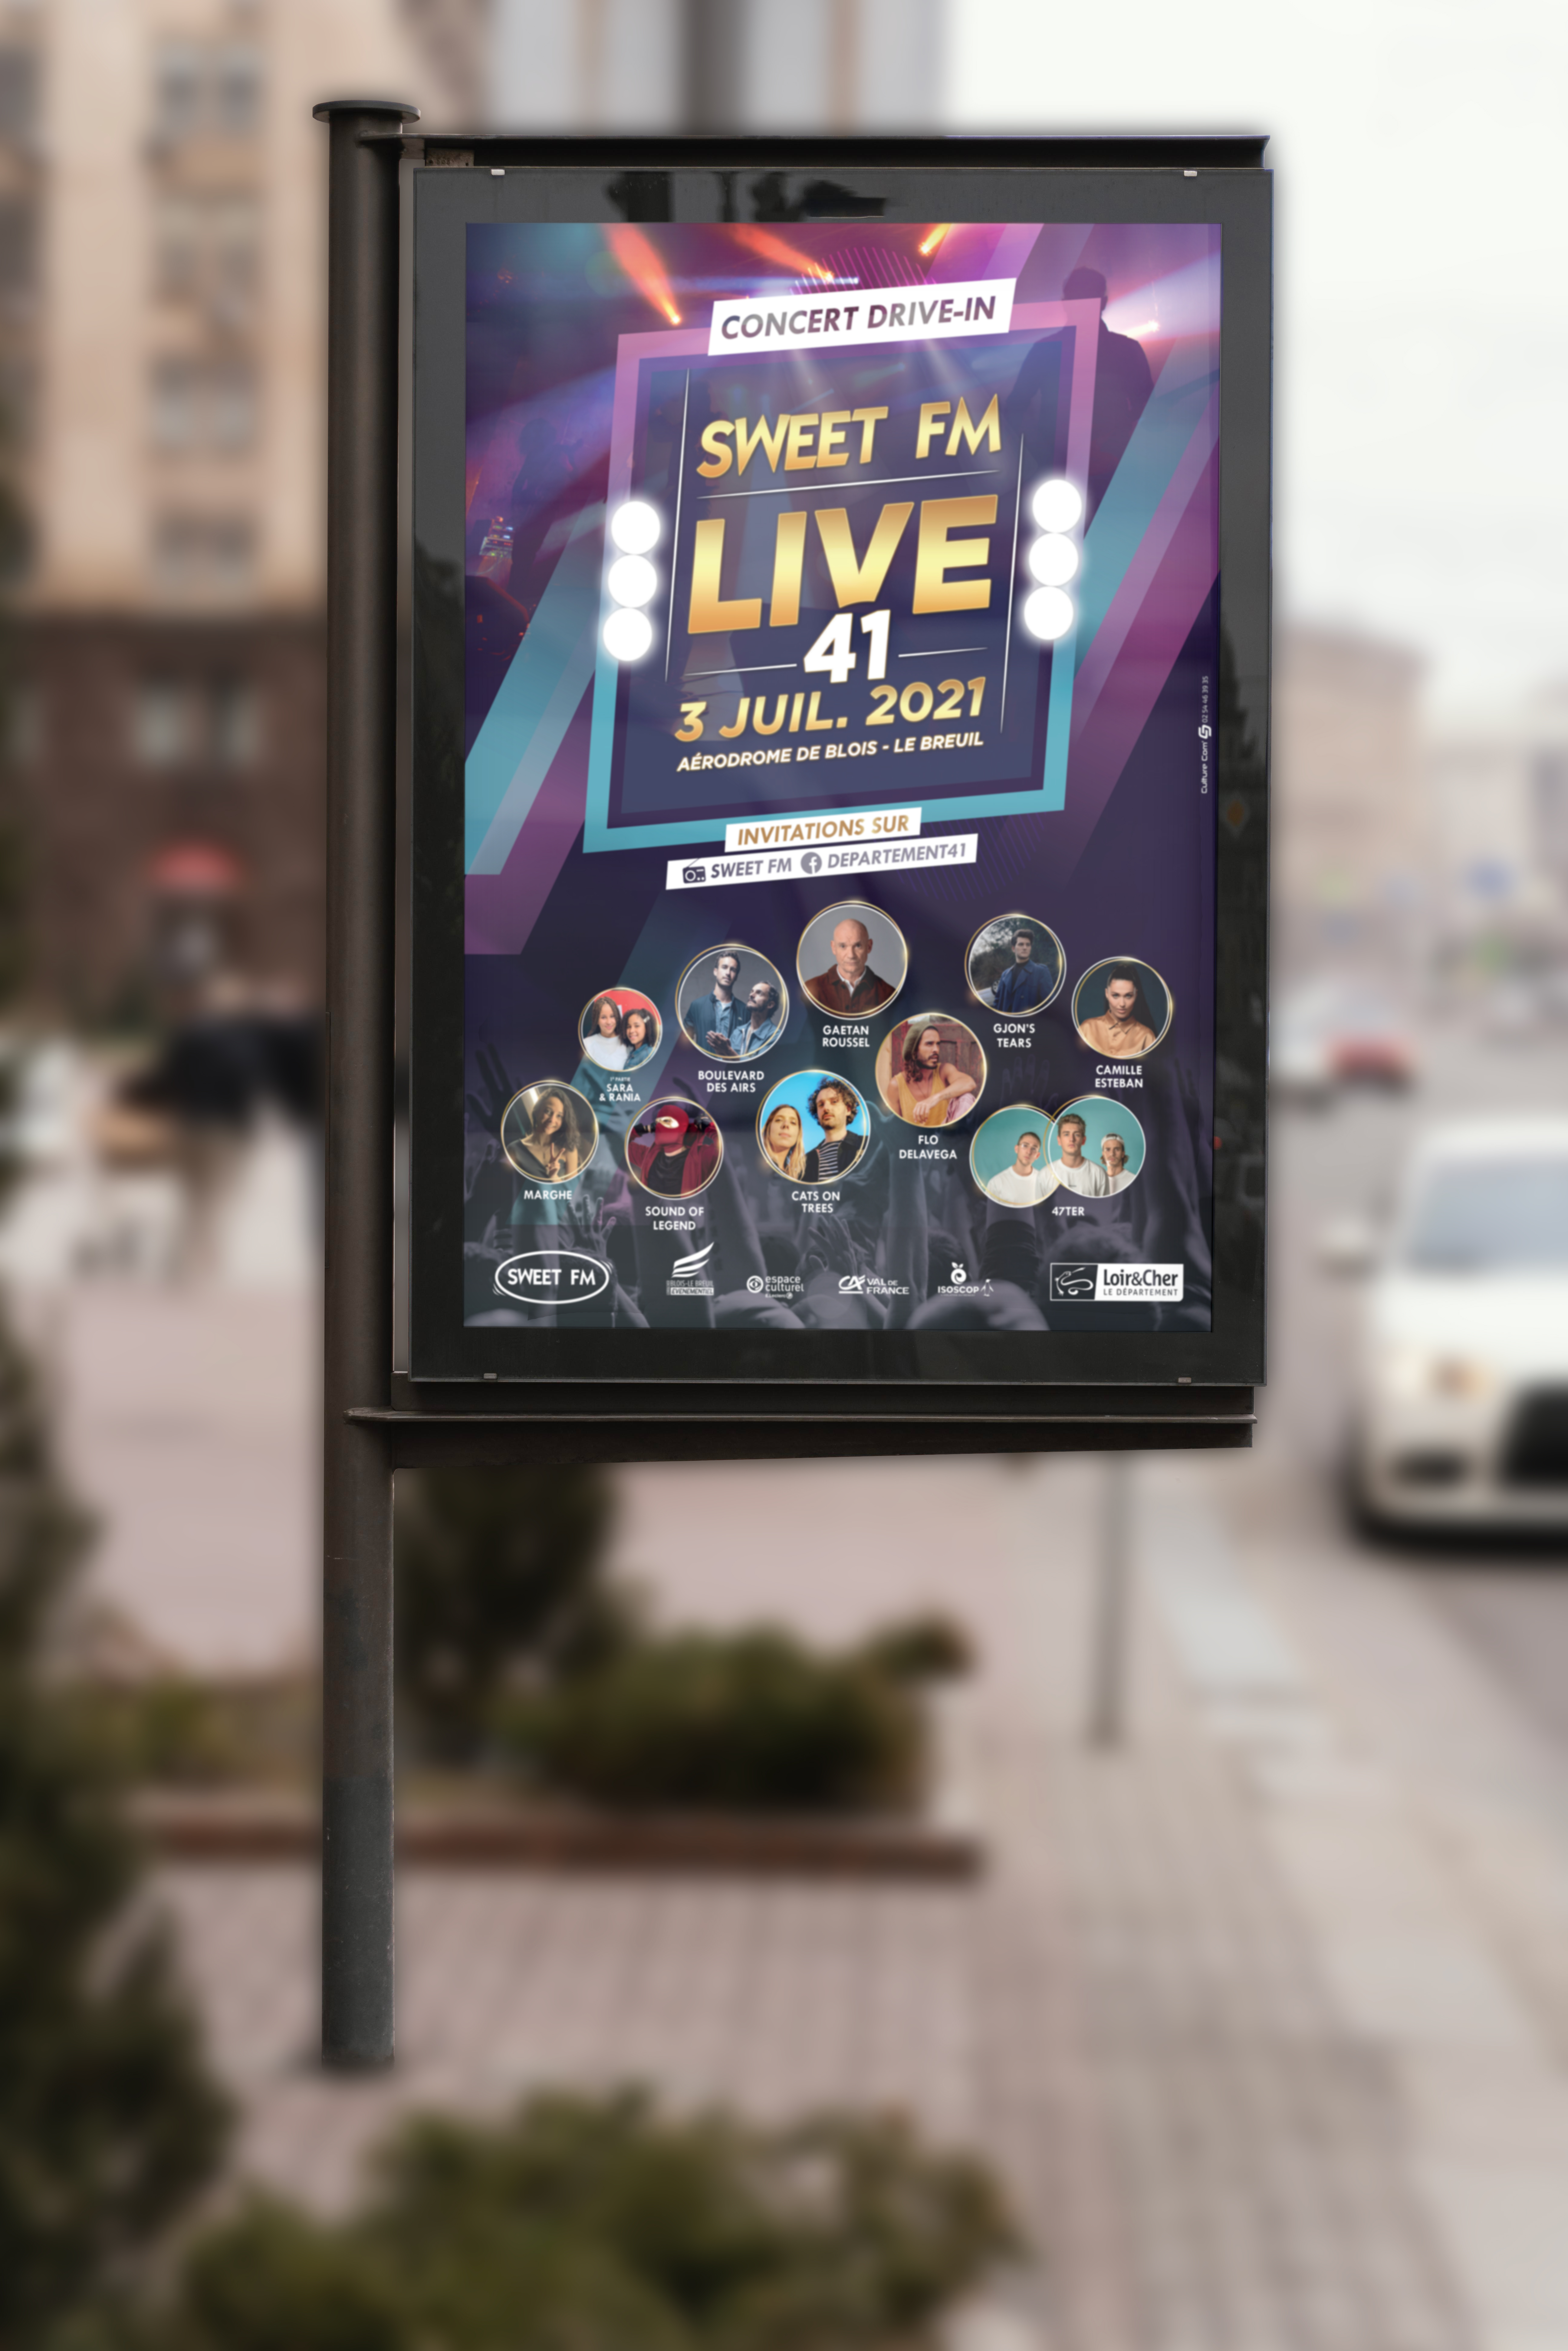 Sweet FM LIVE 41 affiche